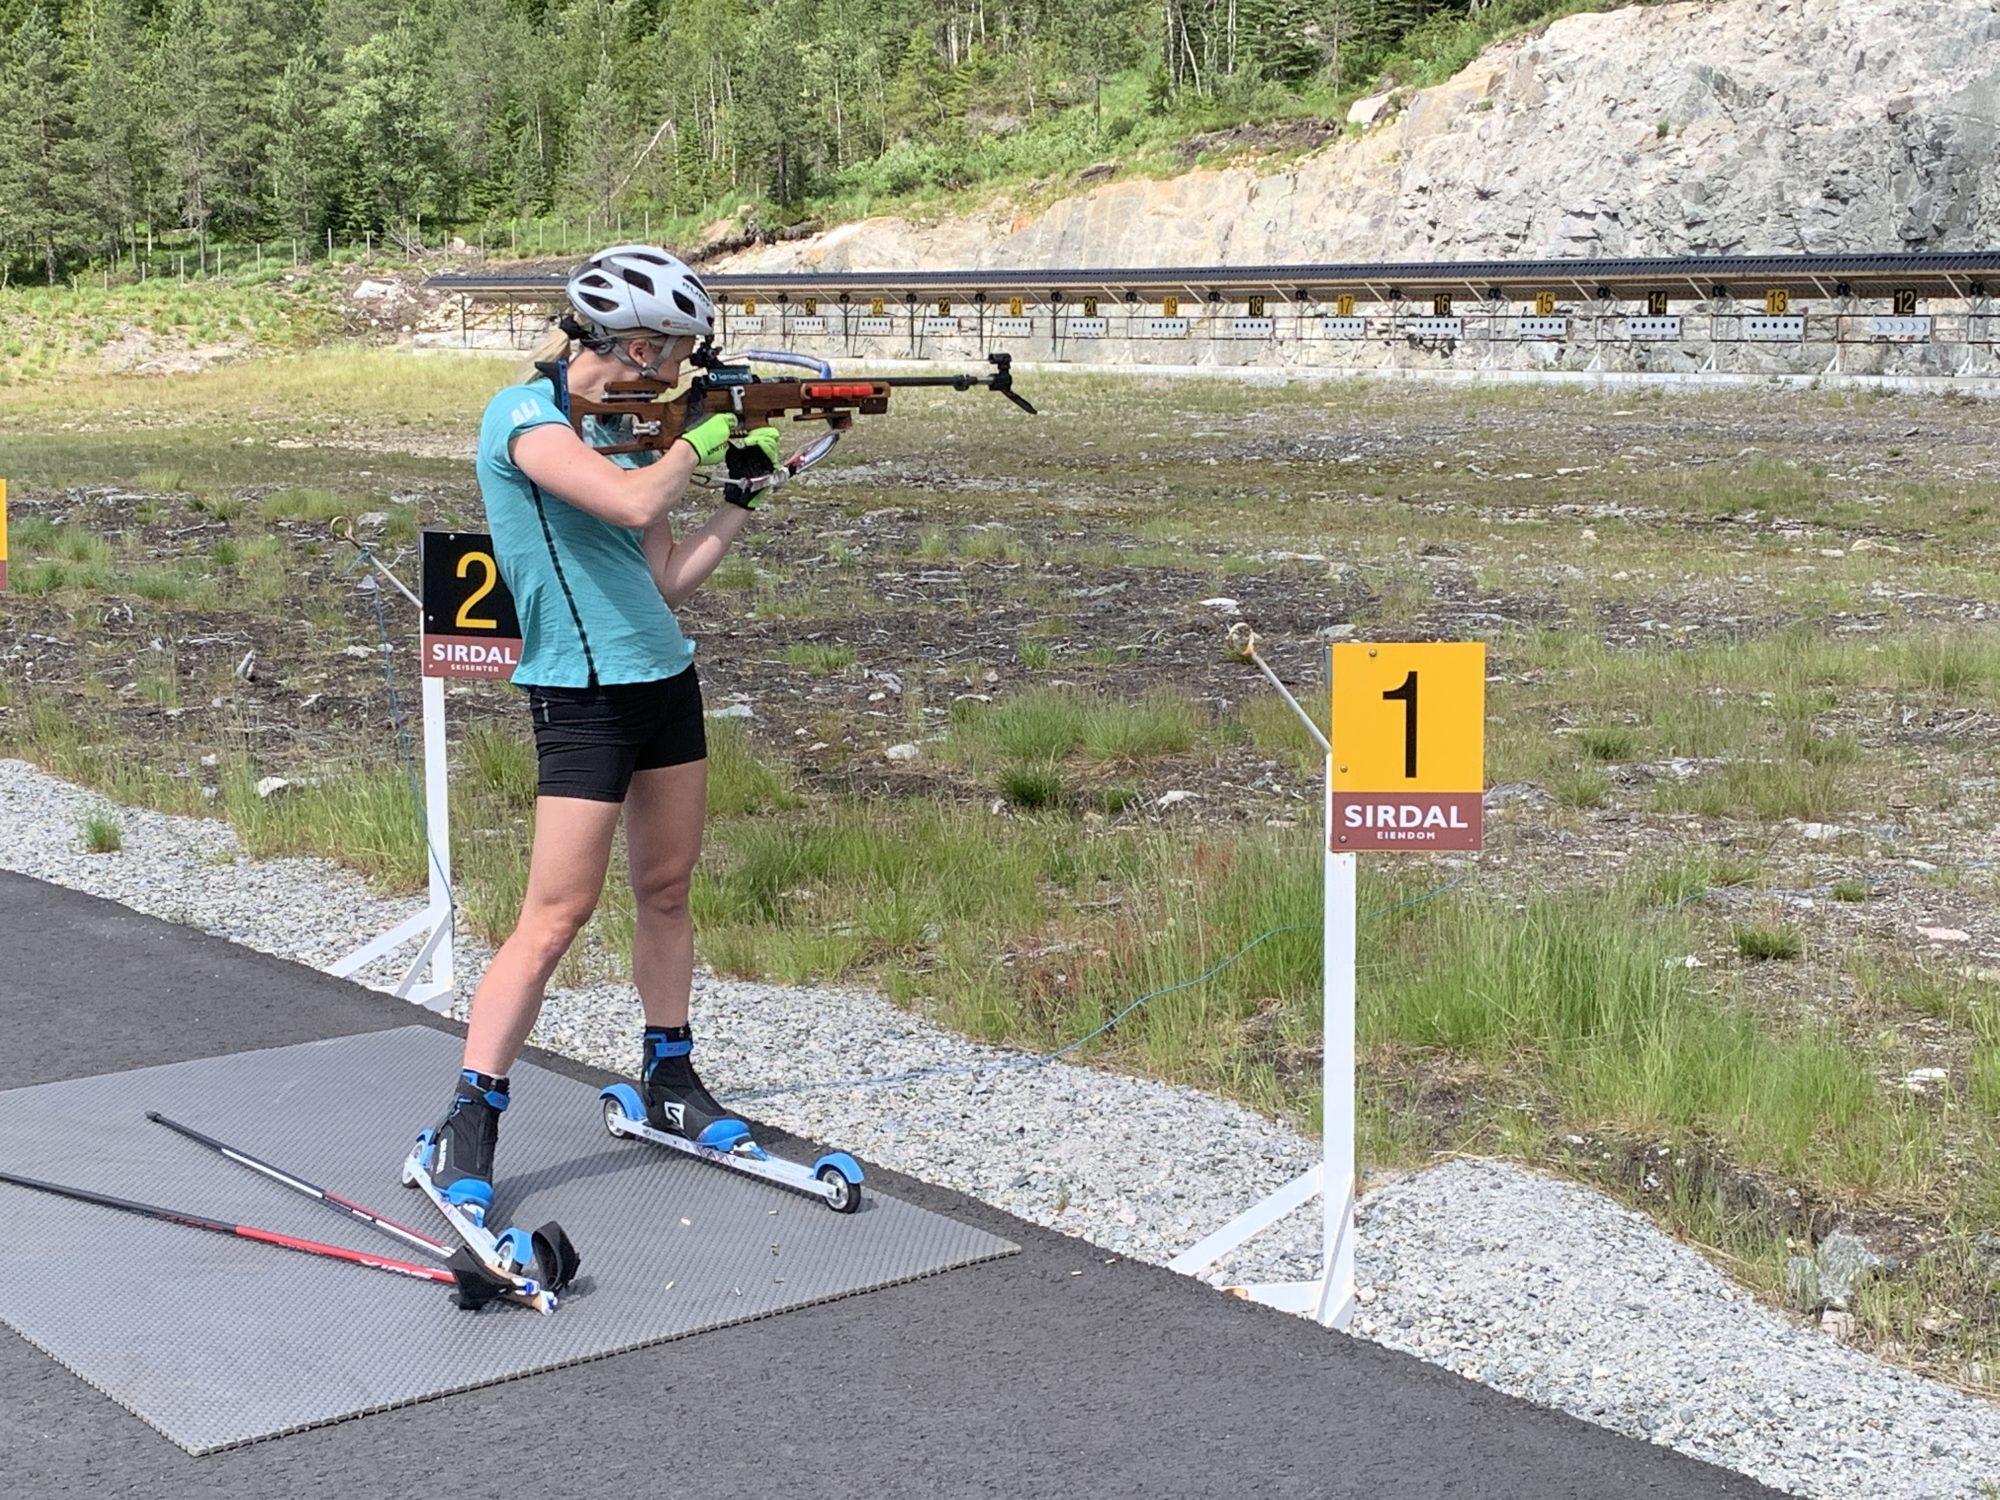 Treffsicher. Marte konzentriert sich auf die kleinsten Details und überlässt nichts dem Zufall. Hier beim Training in Sirdal im Sommer 2021. Foto: Fjord Line